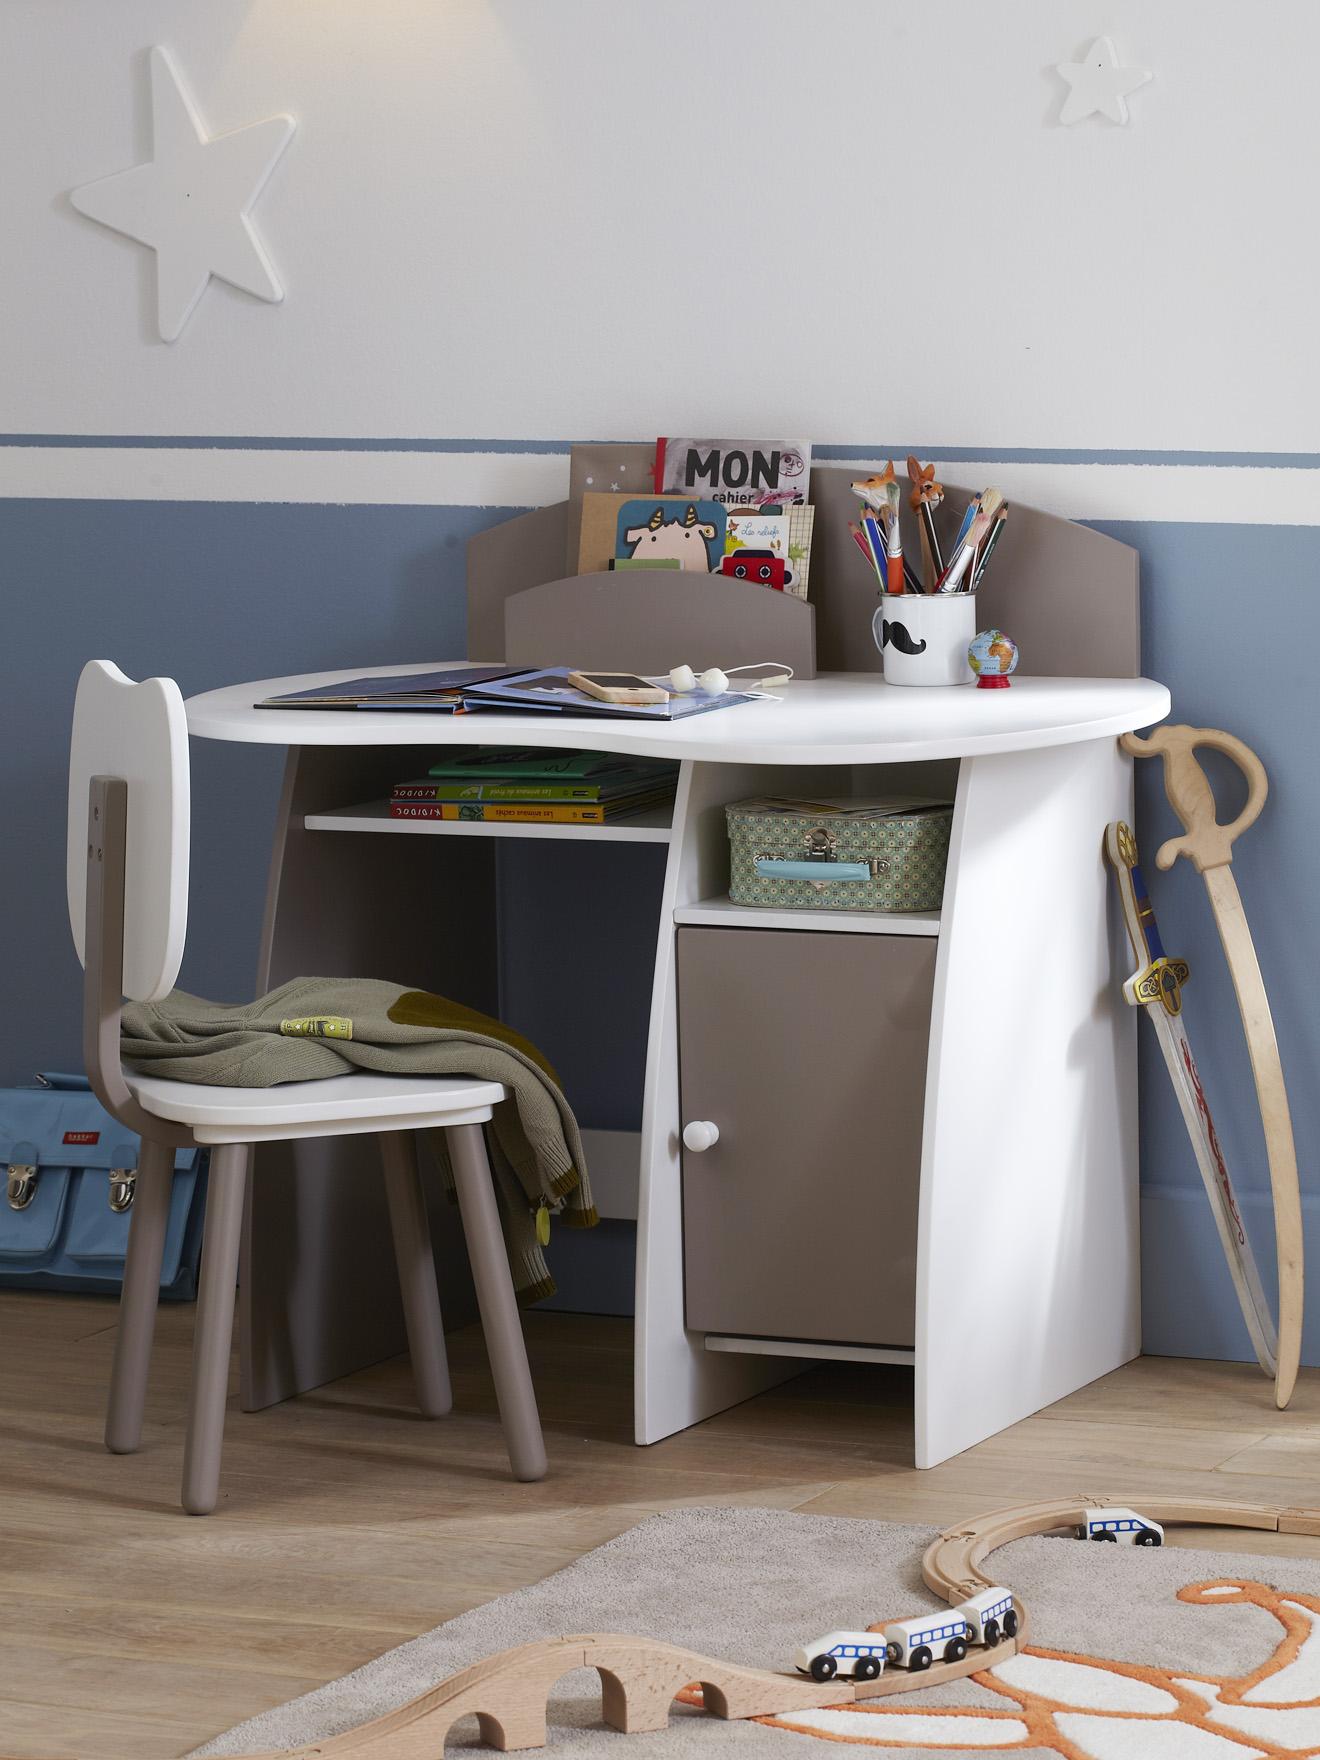 d'enfant bureaux d'enfant Rentréeles pour Rentréeles Rentréeles bureaux chambre chambre bureaux pour FTlJcK1